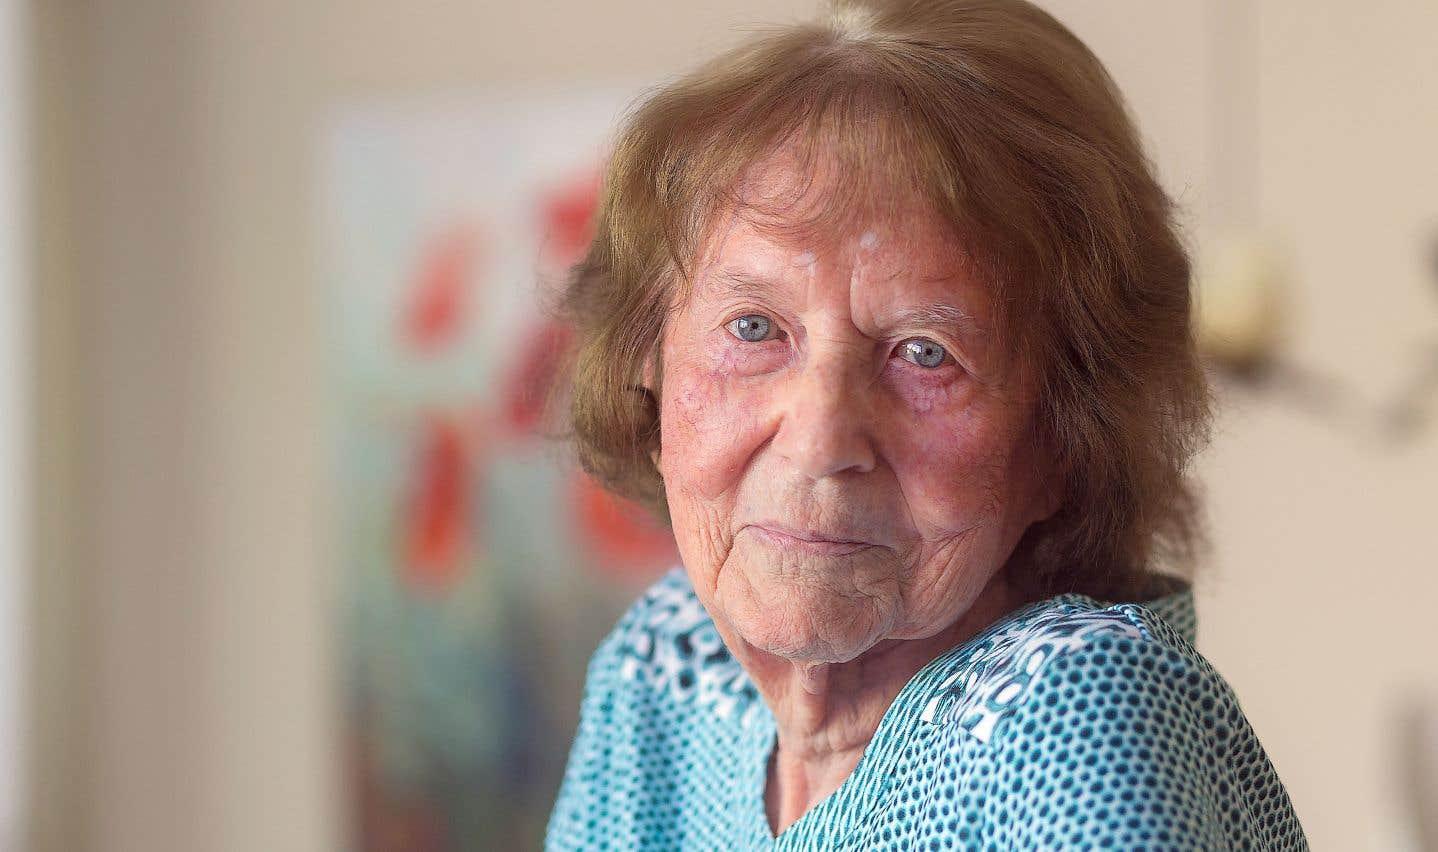 Aujourd'hui âgée de 92 ans, Rita Hardy était à l'avant-garde quand elle a commencé, à 60 ans, un baccalauréat pour lancer sa propre entreprise.